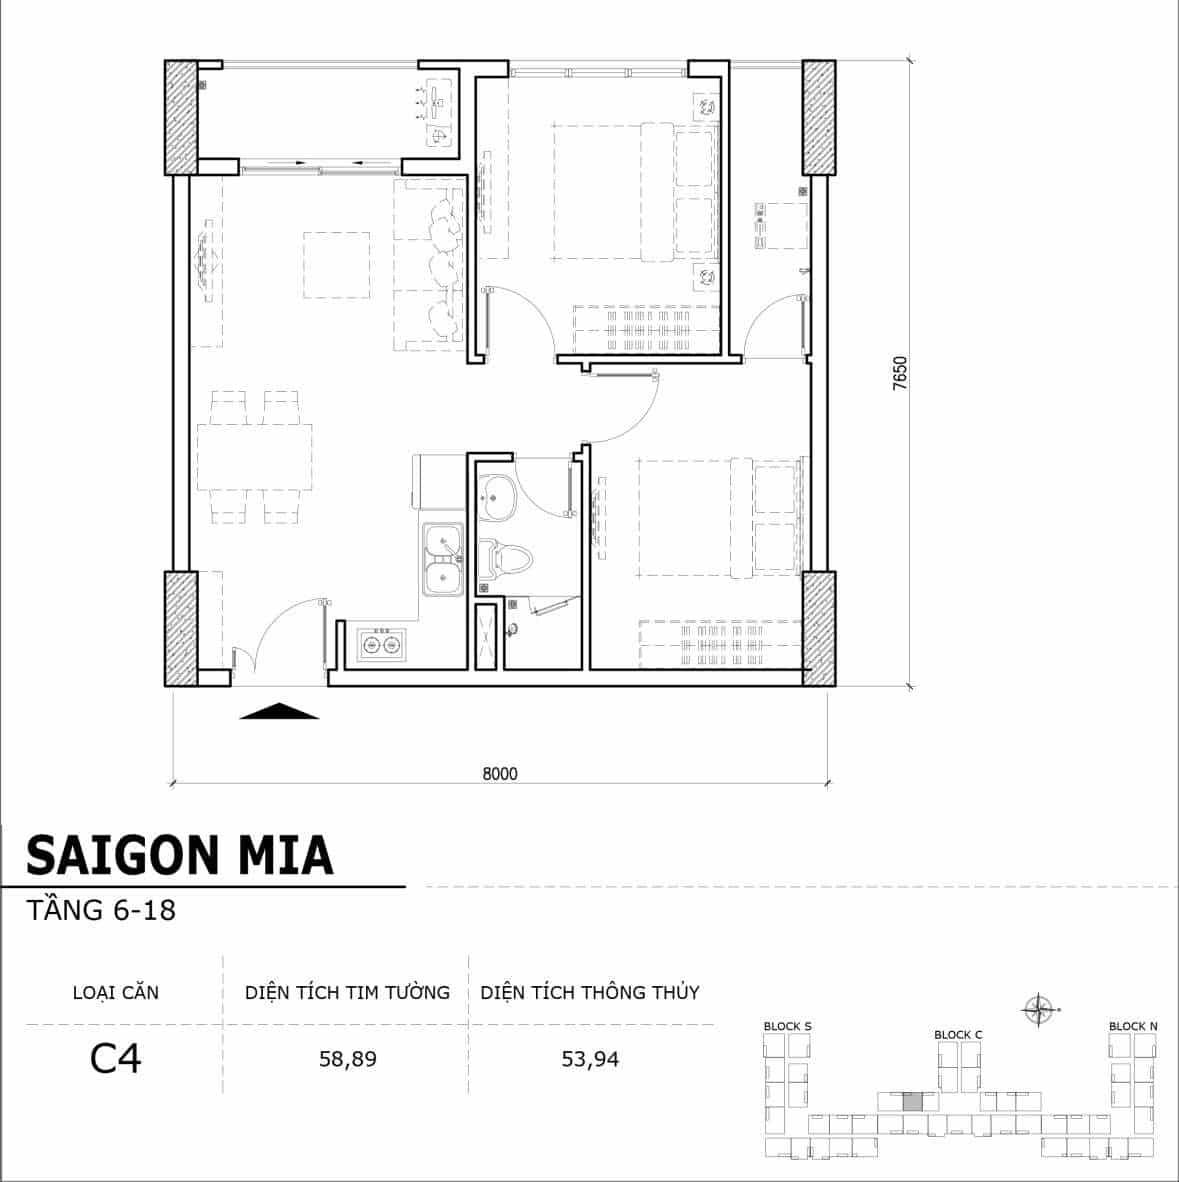 Chi tiết thiết kế căn hộ điển hình tầng 6-18 dự án Sài Gòn Mia - Căn C4